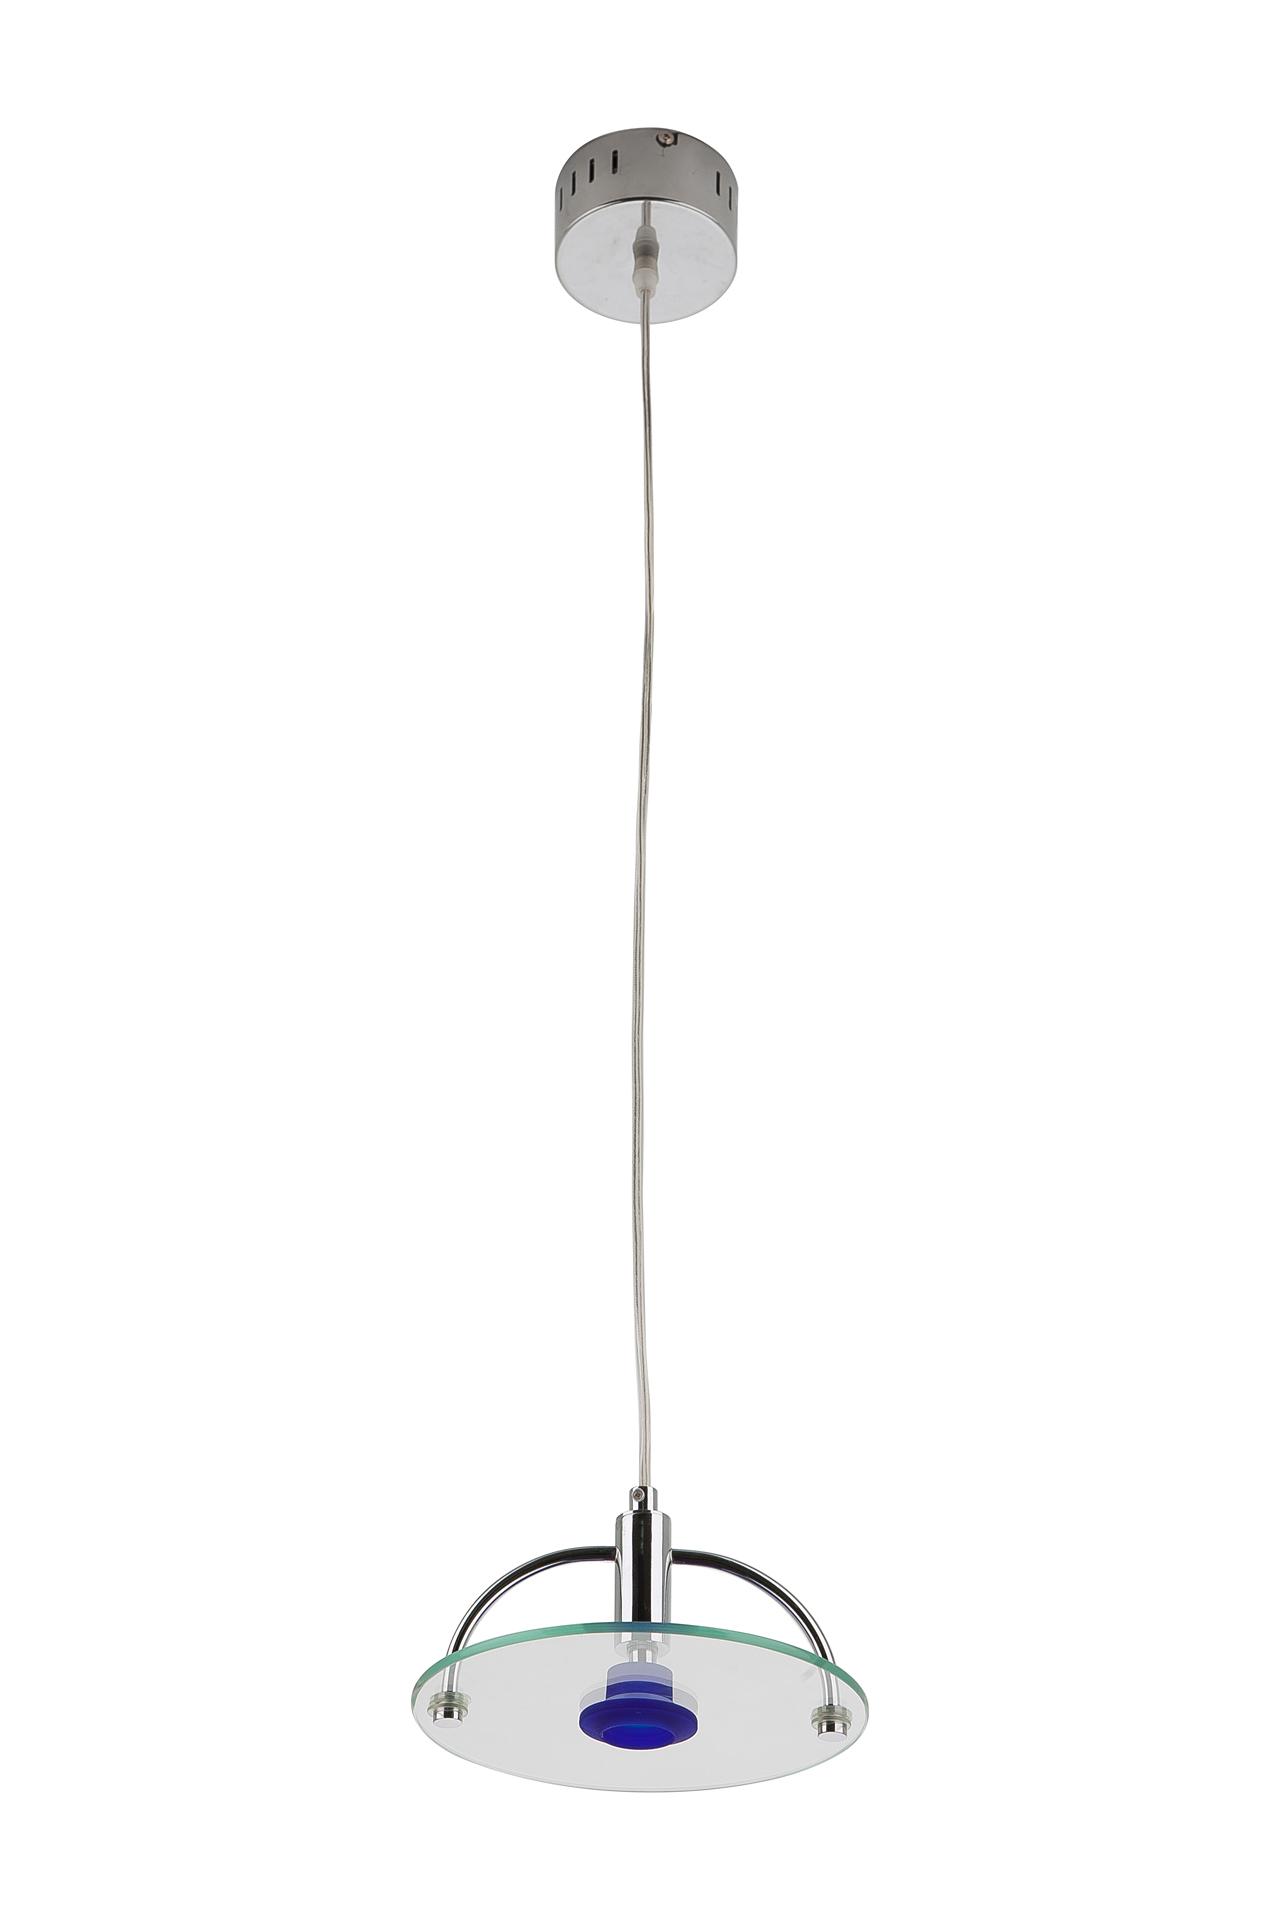 {} CRYSTAL LIGHT Подвесной светильник Umay (20 см) crystal light светильник подвесной copacabana 20х40 см